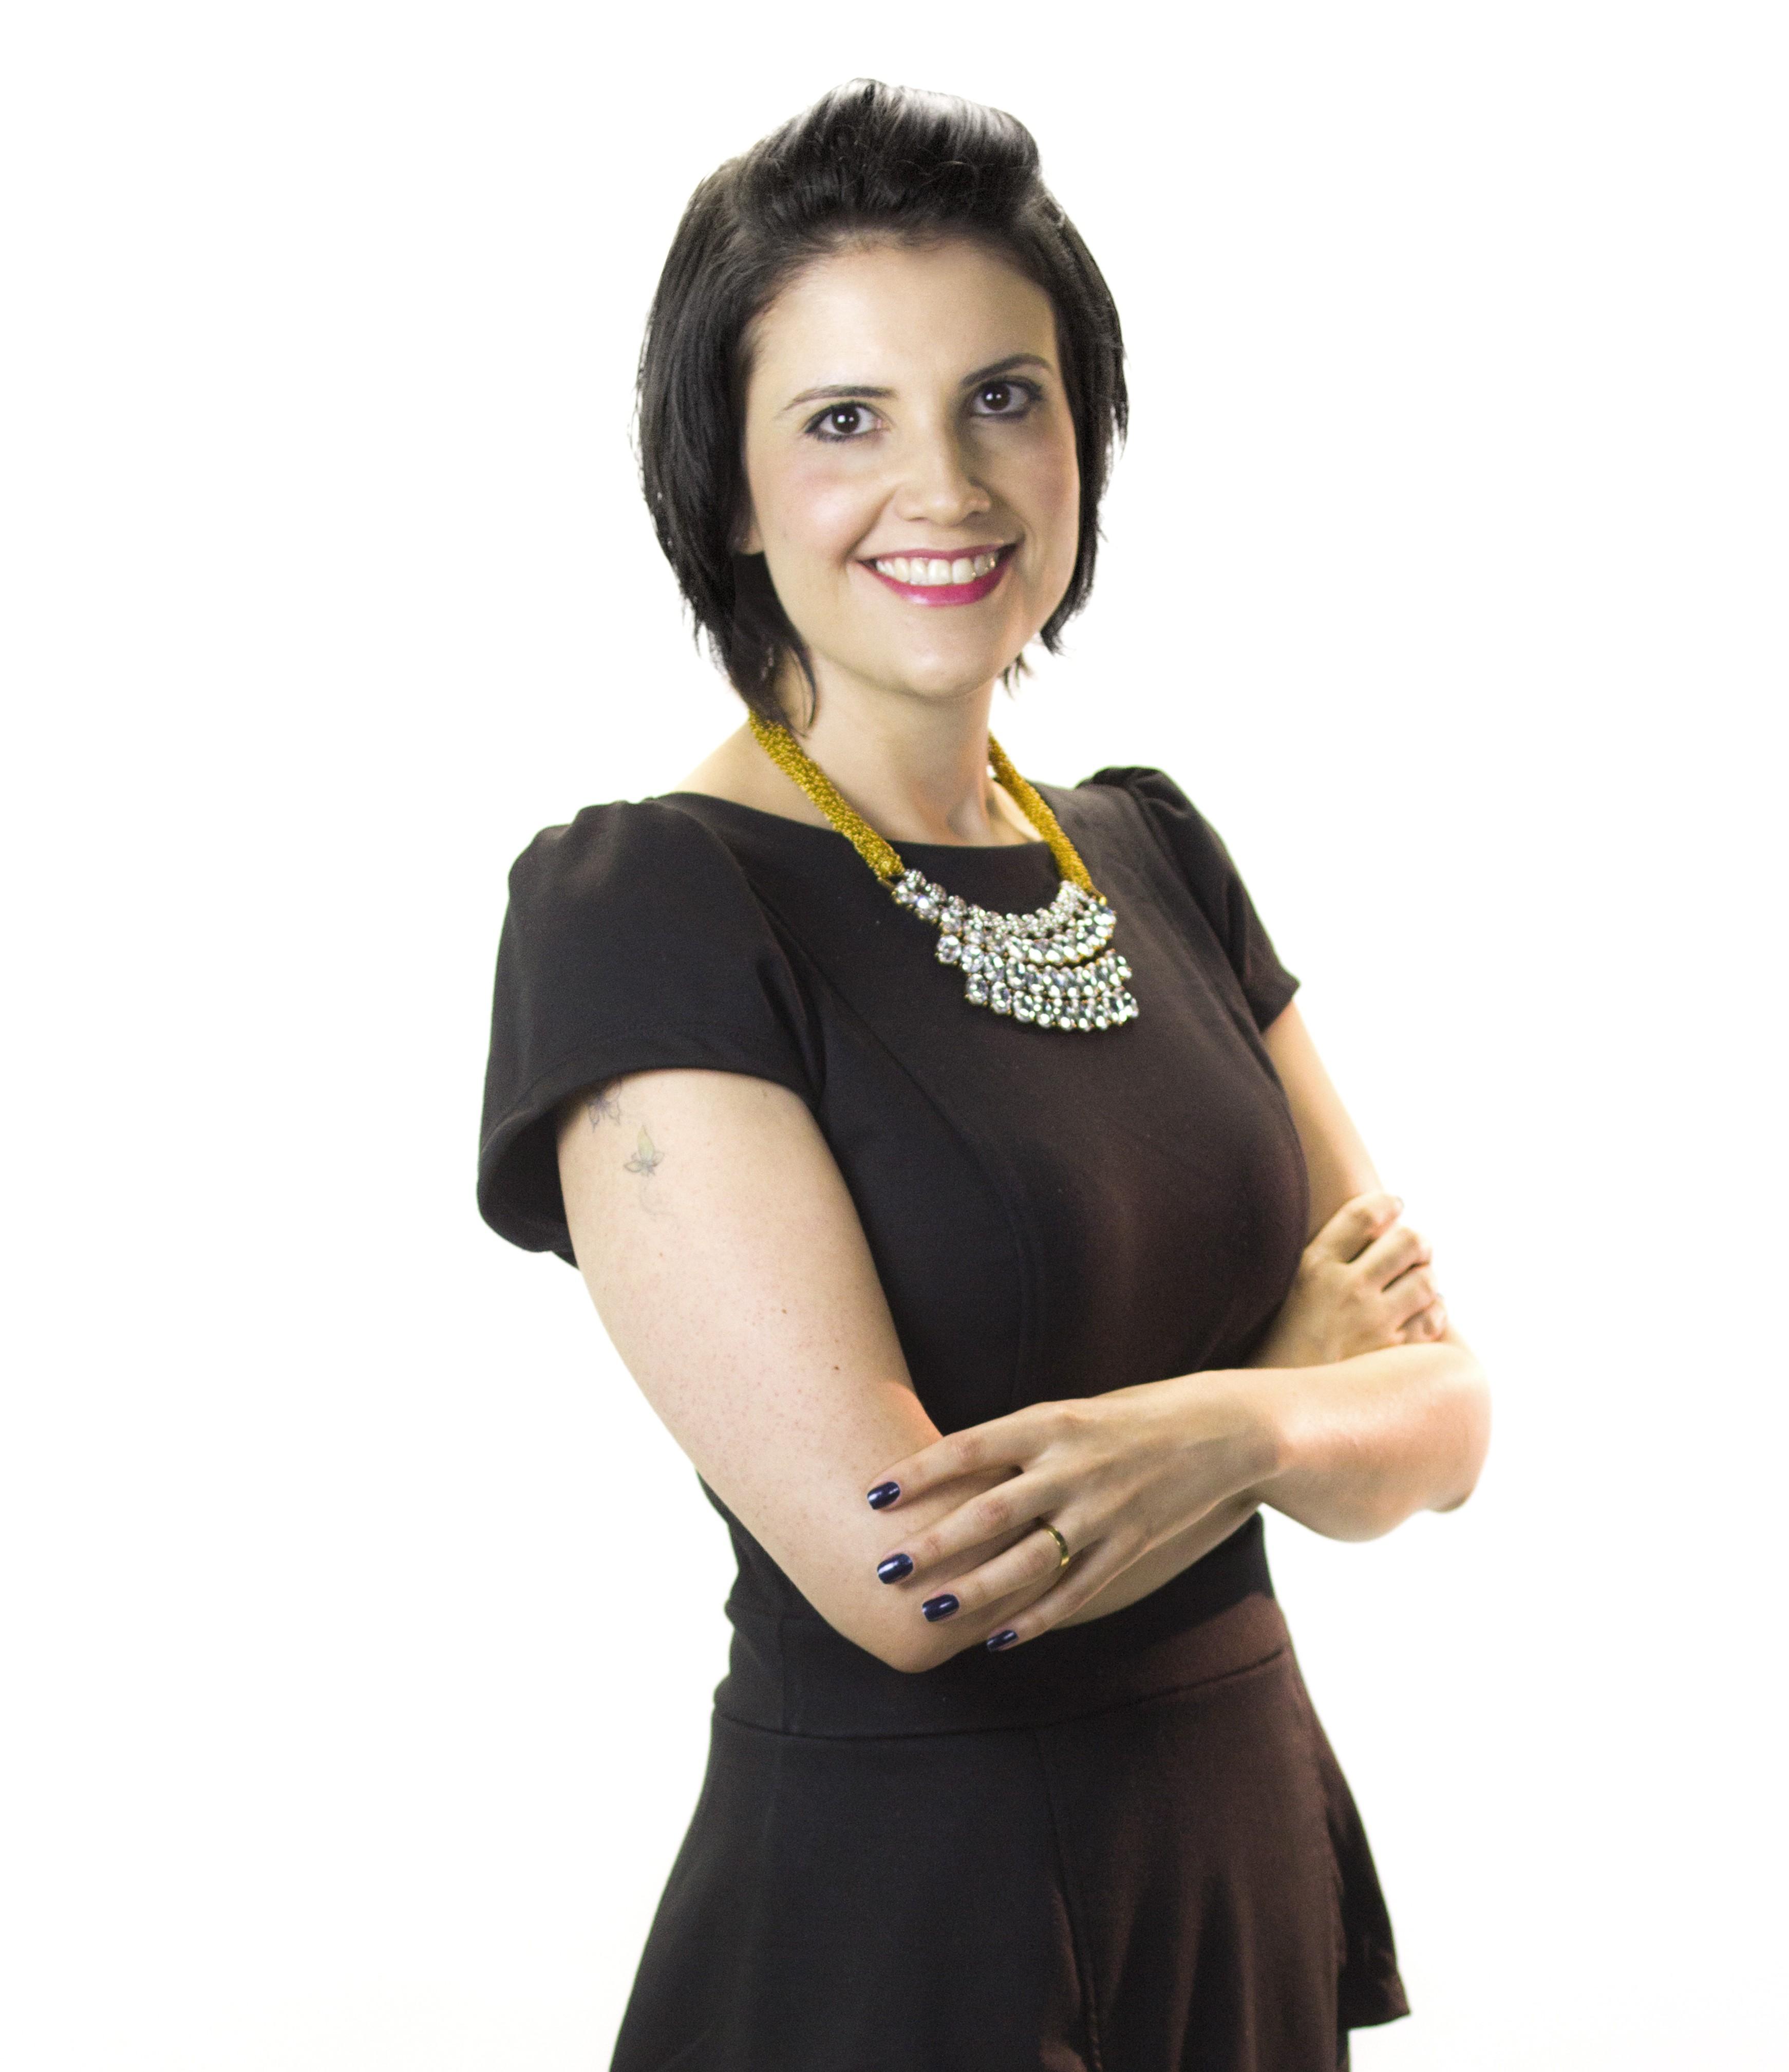 Comunicação para franchising é tema de artigo de Natália Aguiar, da Uptime